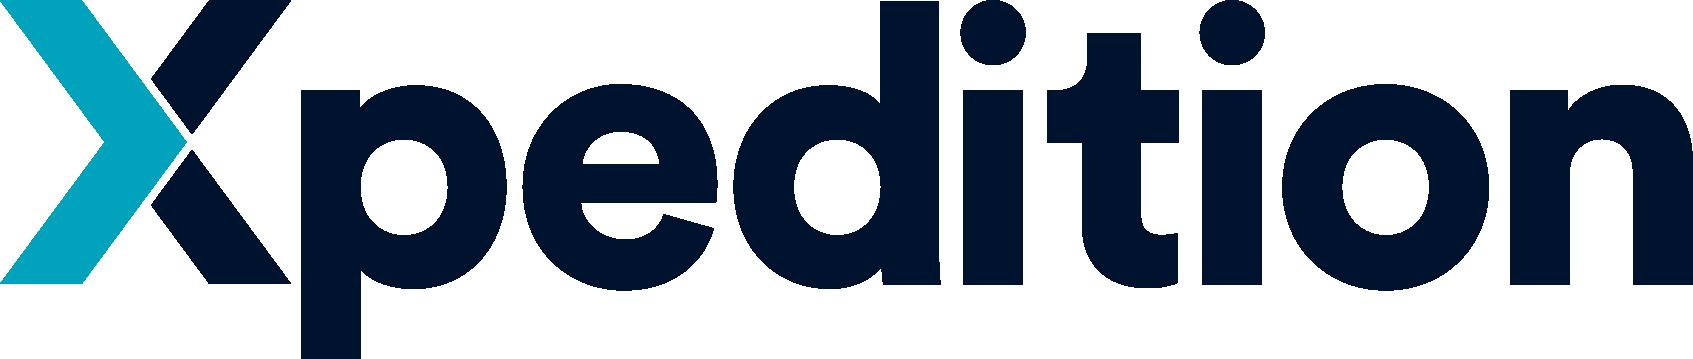 Xpedition_Logo_RGB